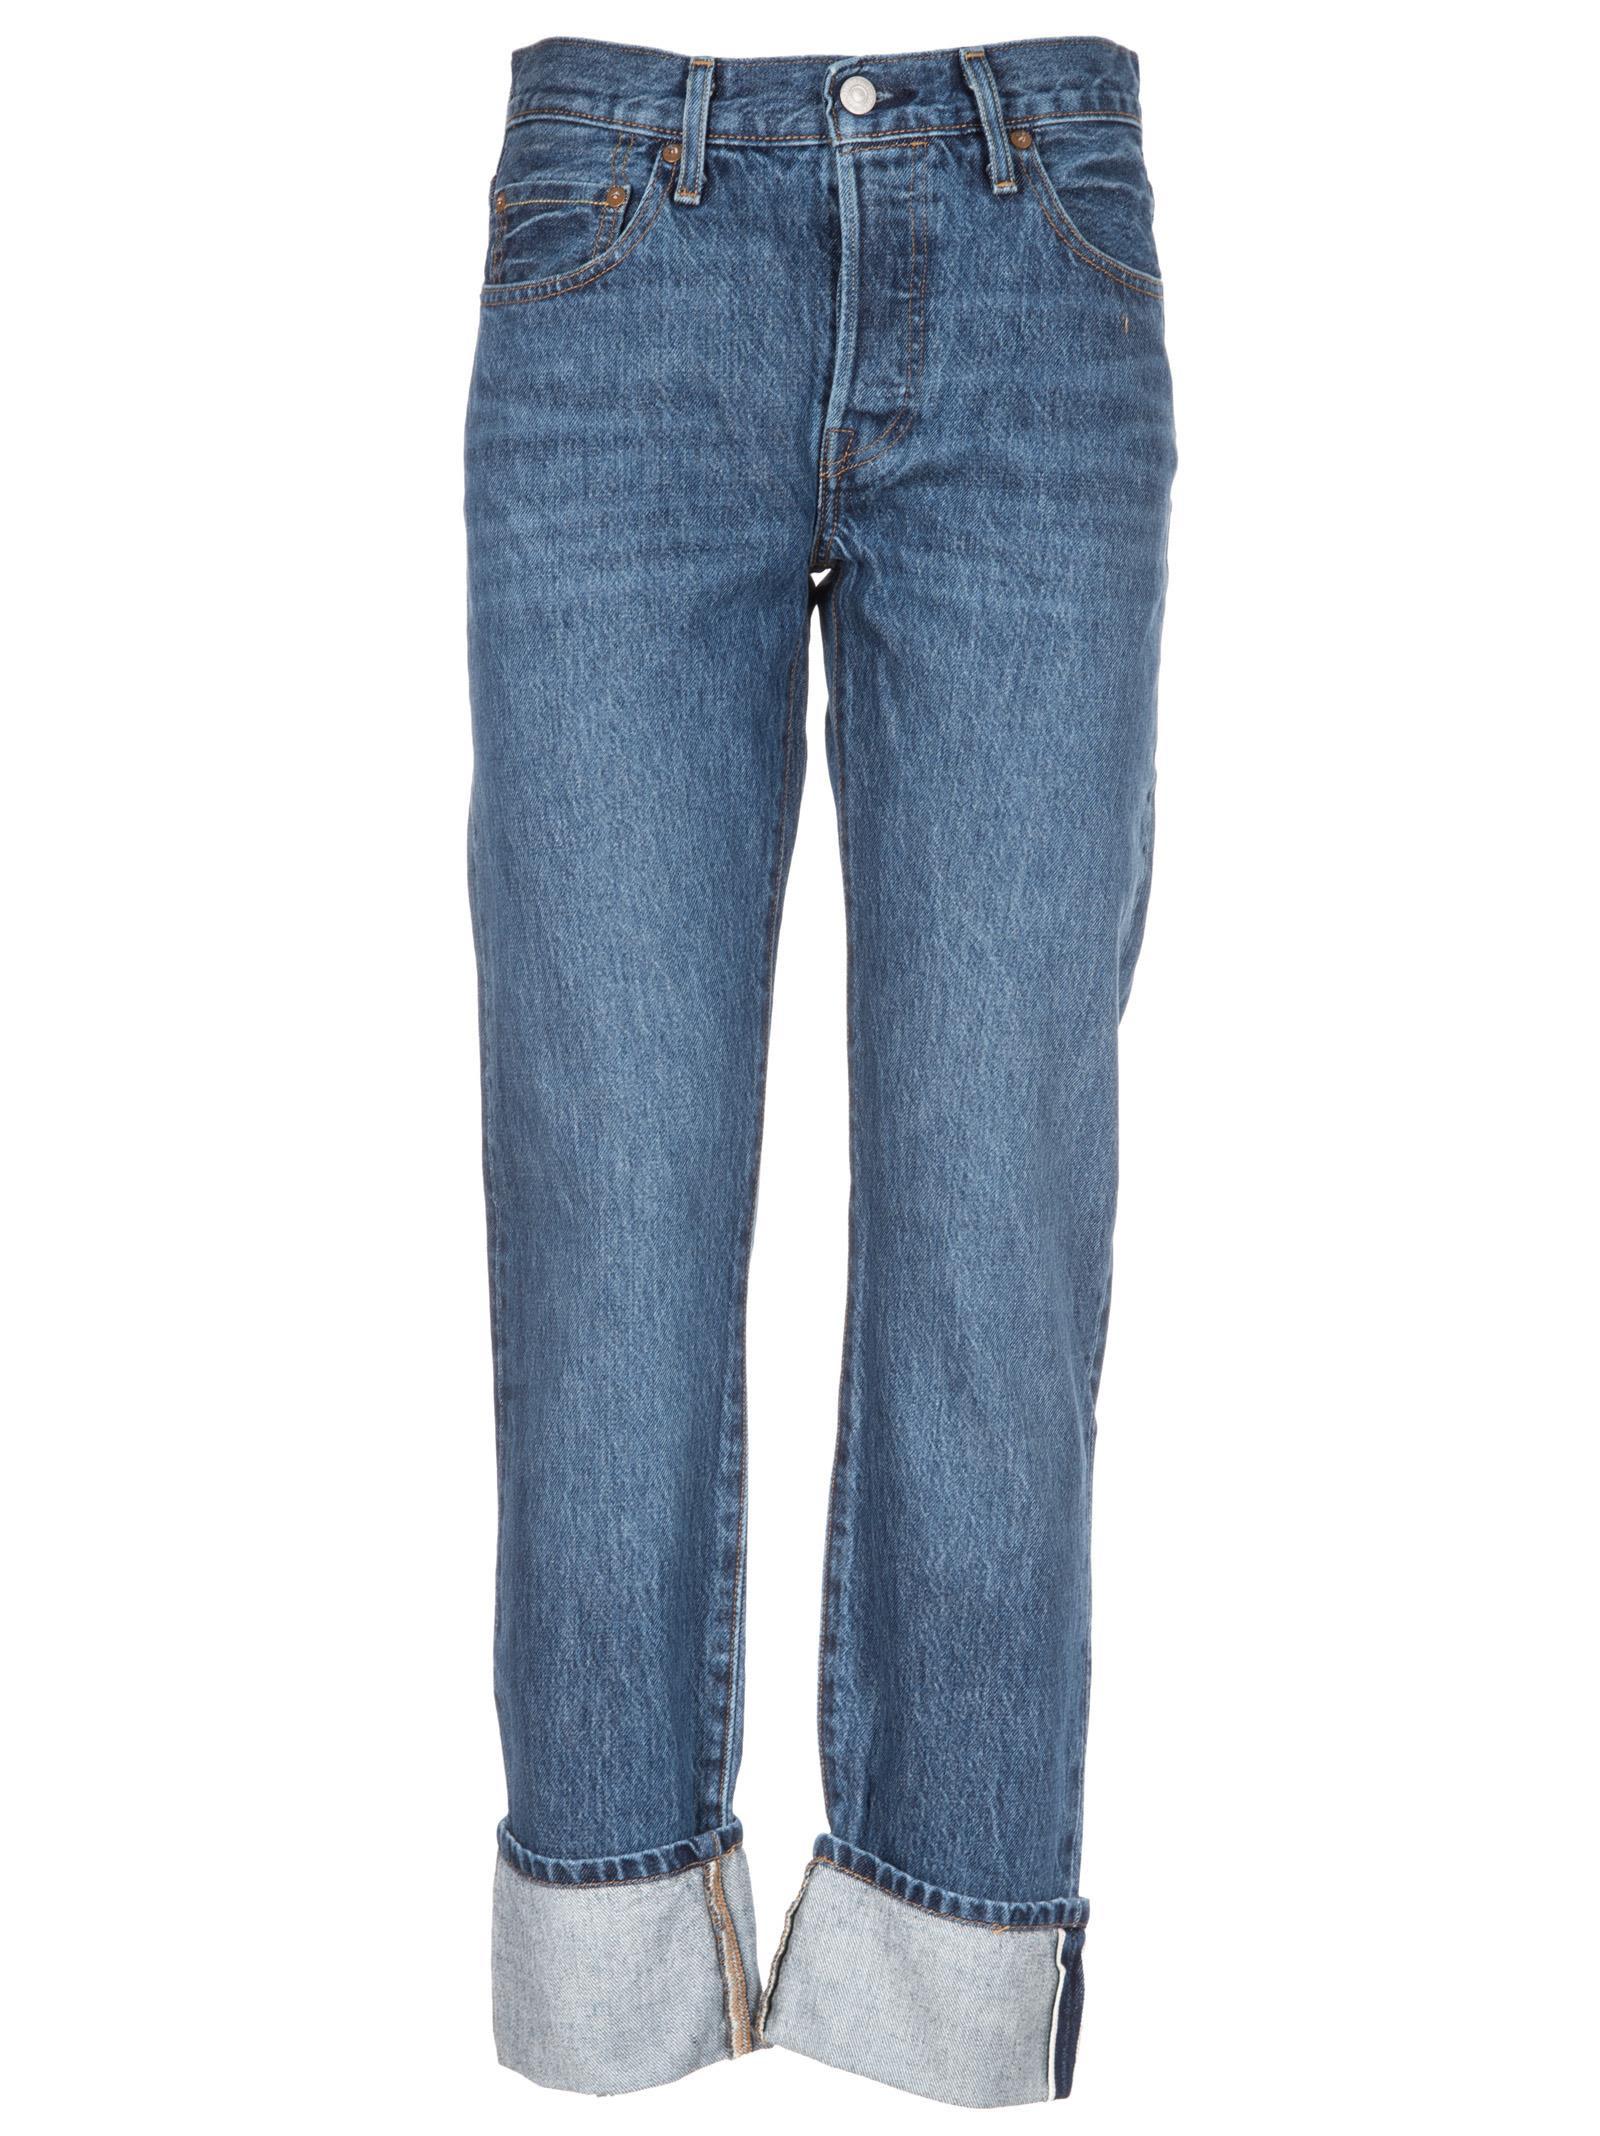 Levis 501 Classic Jeans